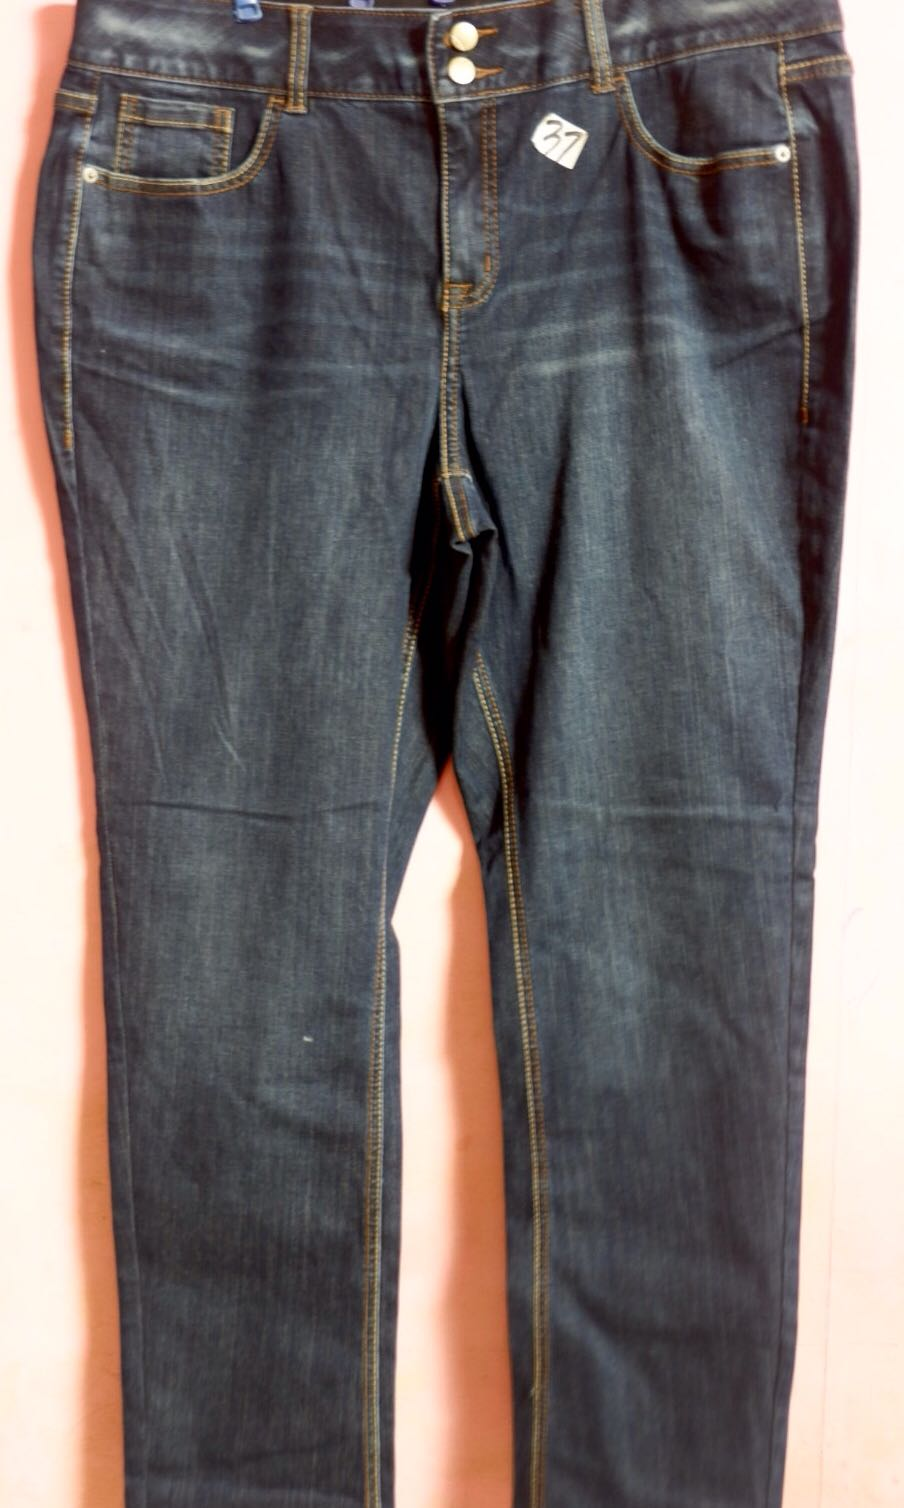 Plus sized Pants 👖👖